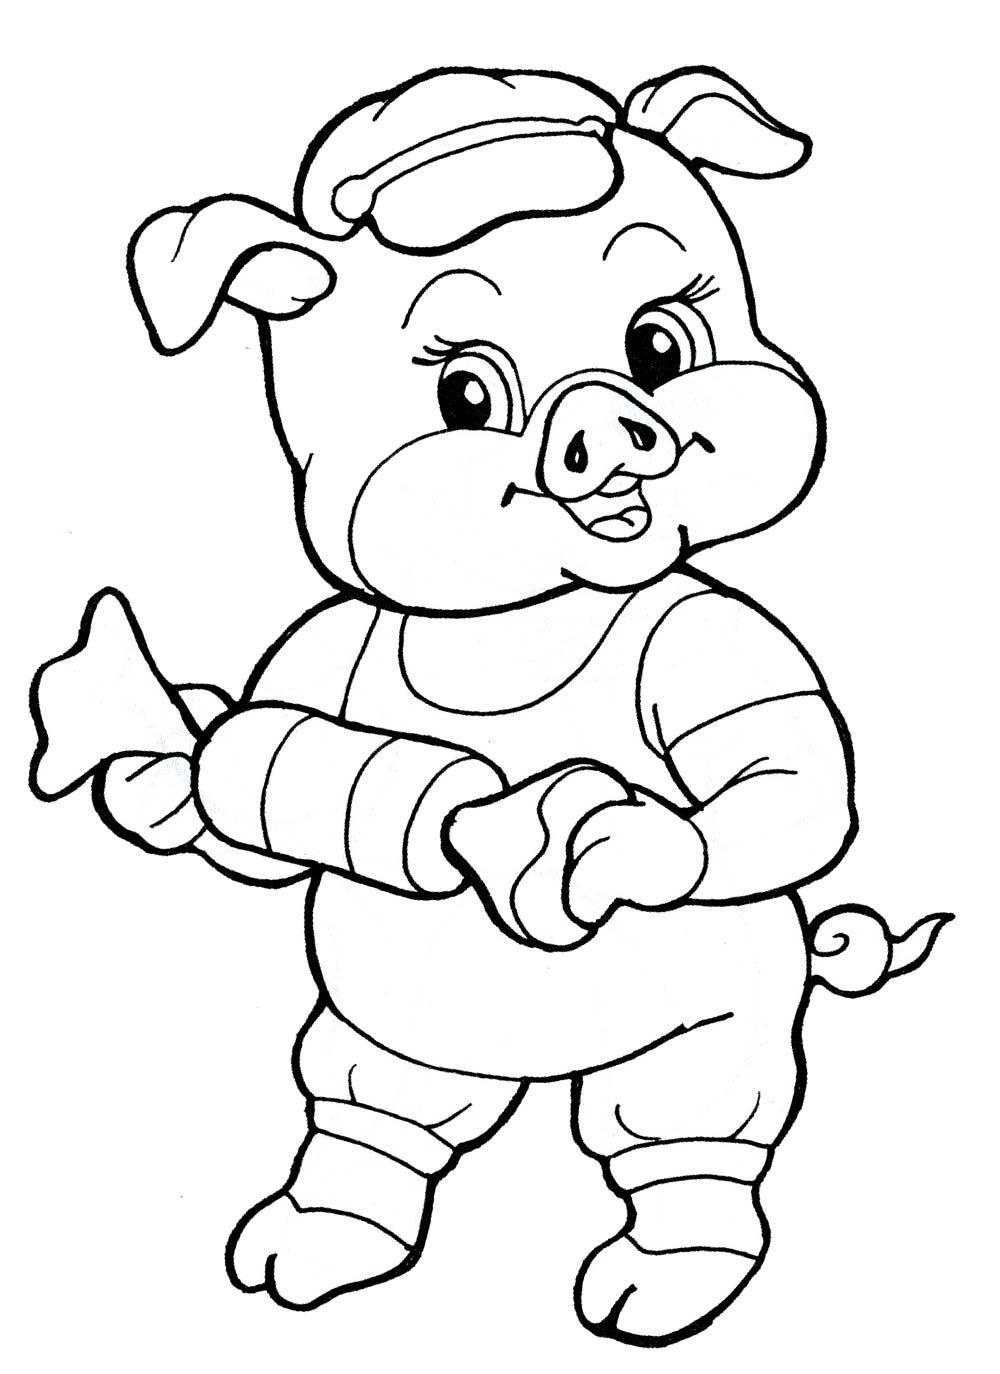 числу картинки свинок смешных для раскраски они морские львы